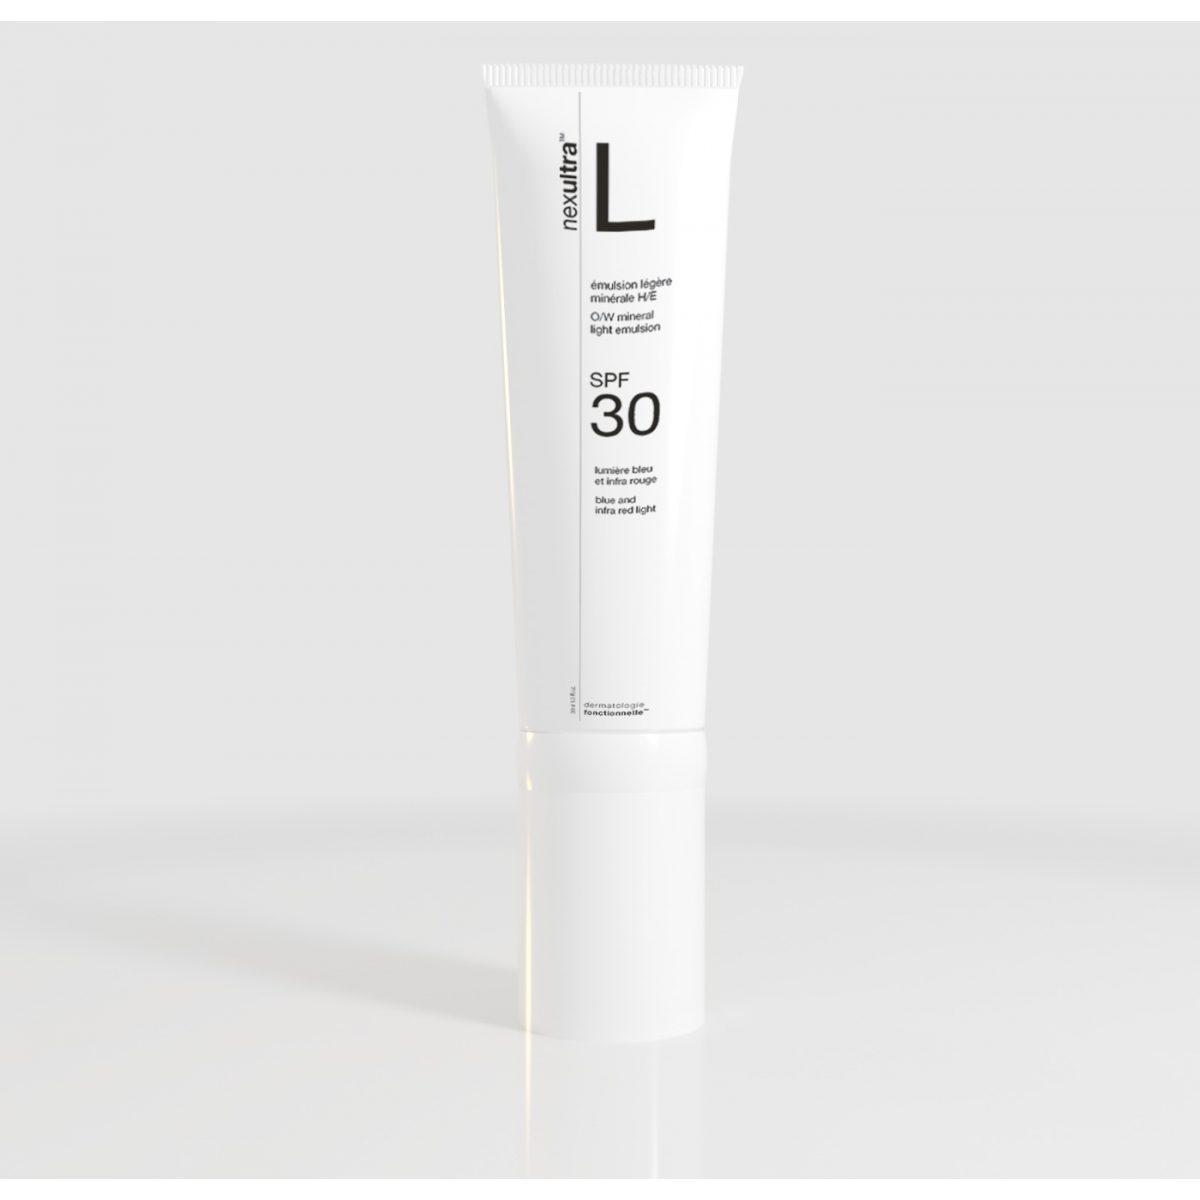 Crema NEXULTRA L cu SFP 30 - 30 ml